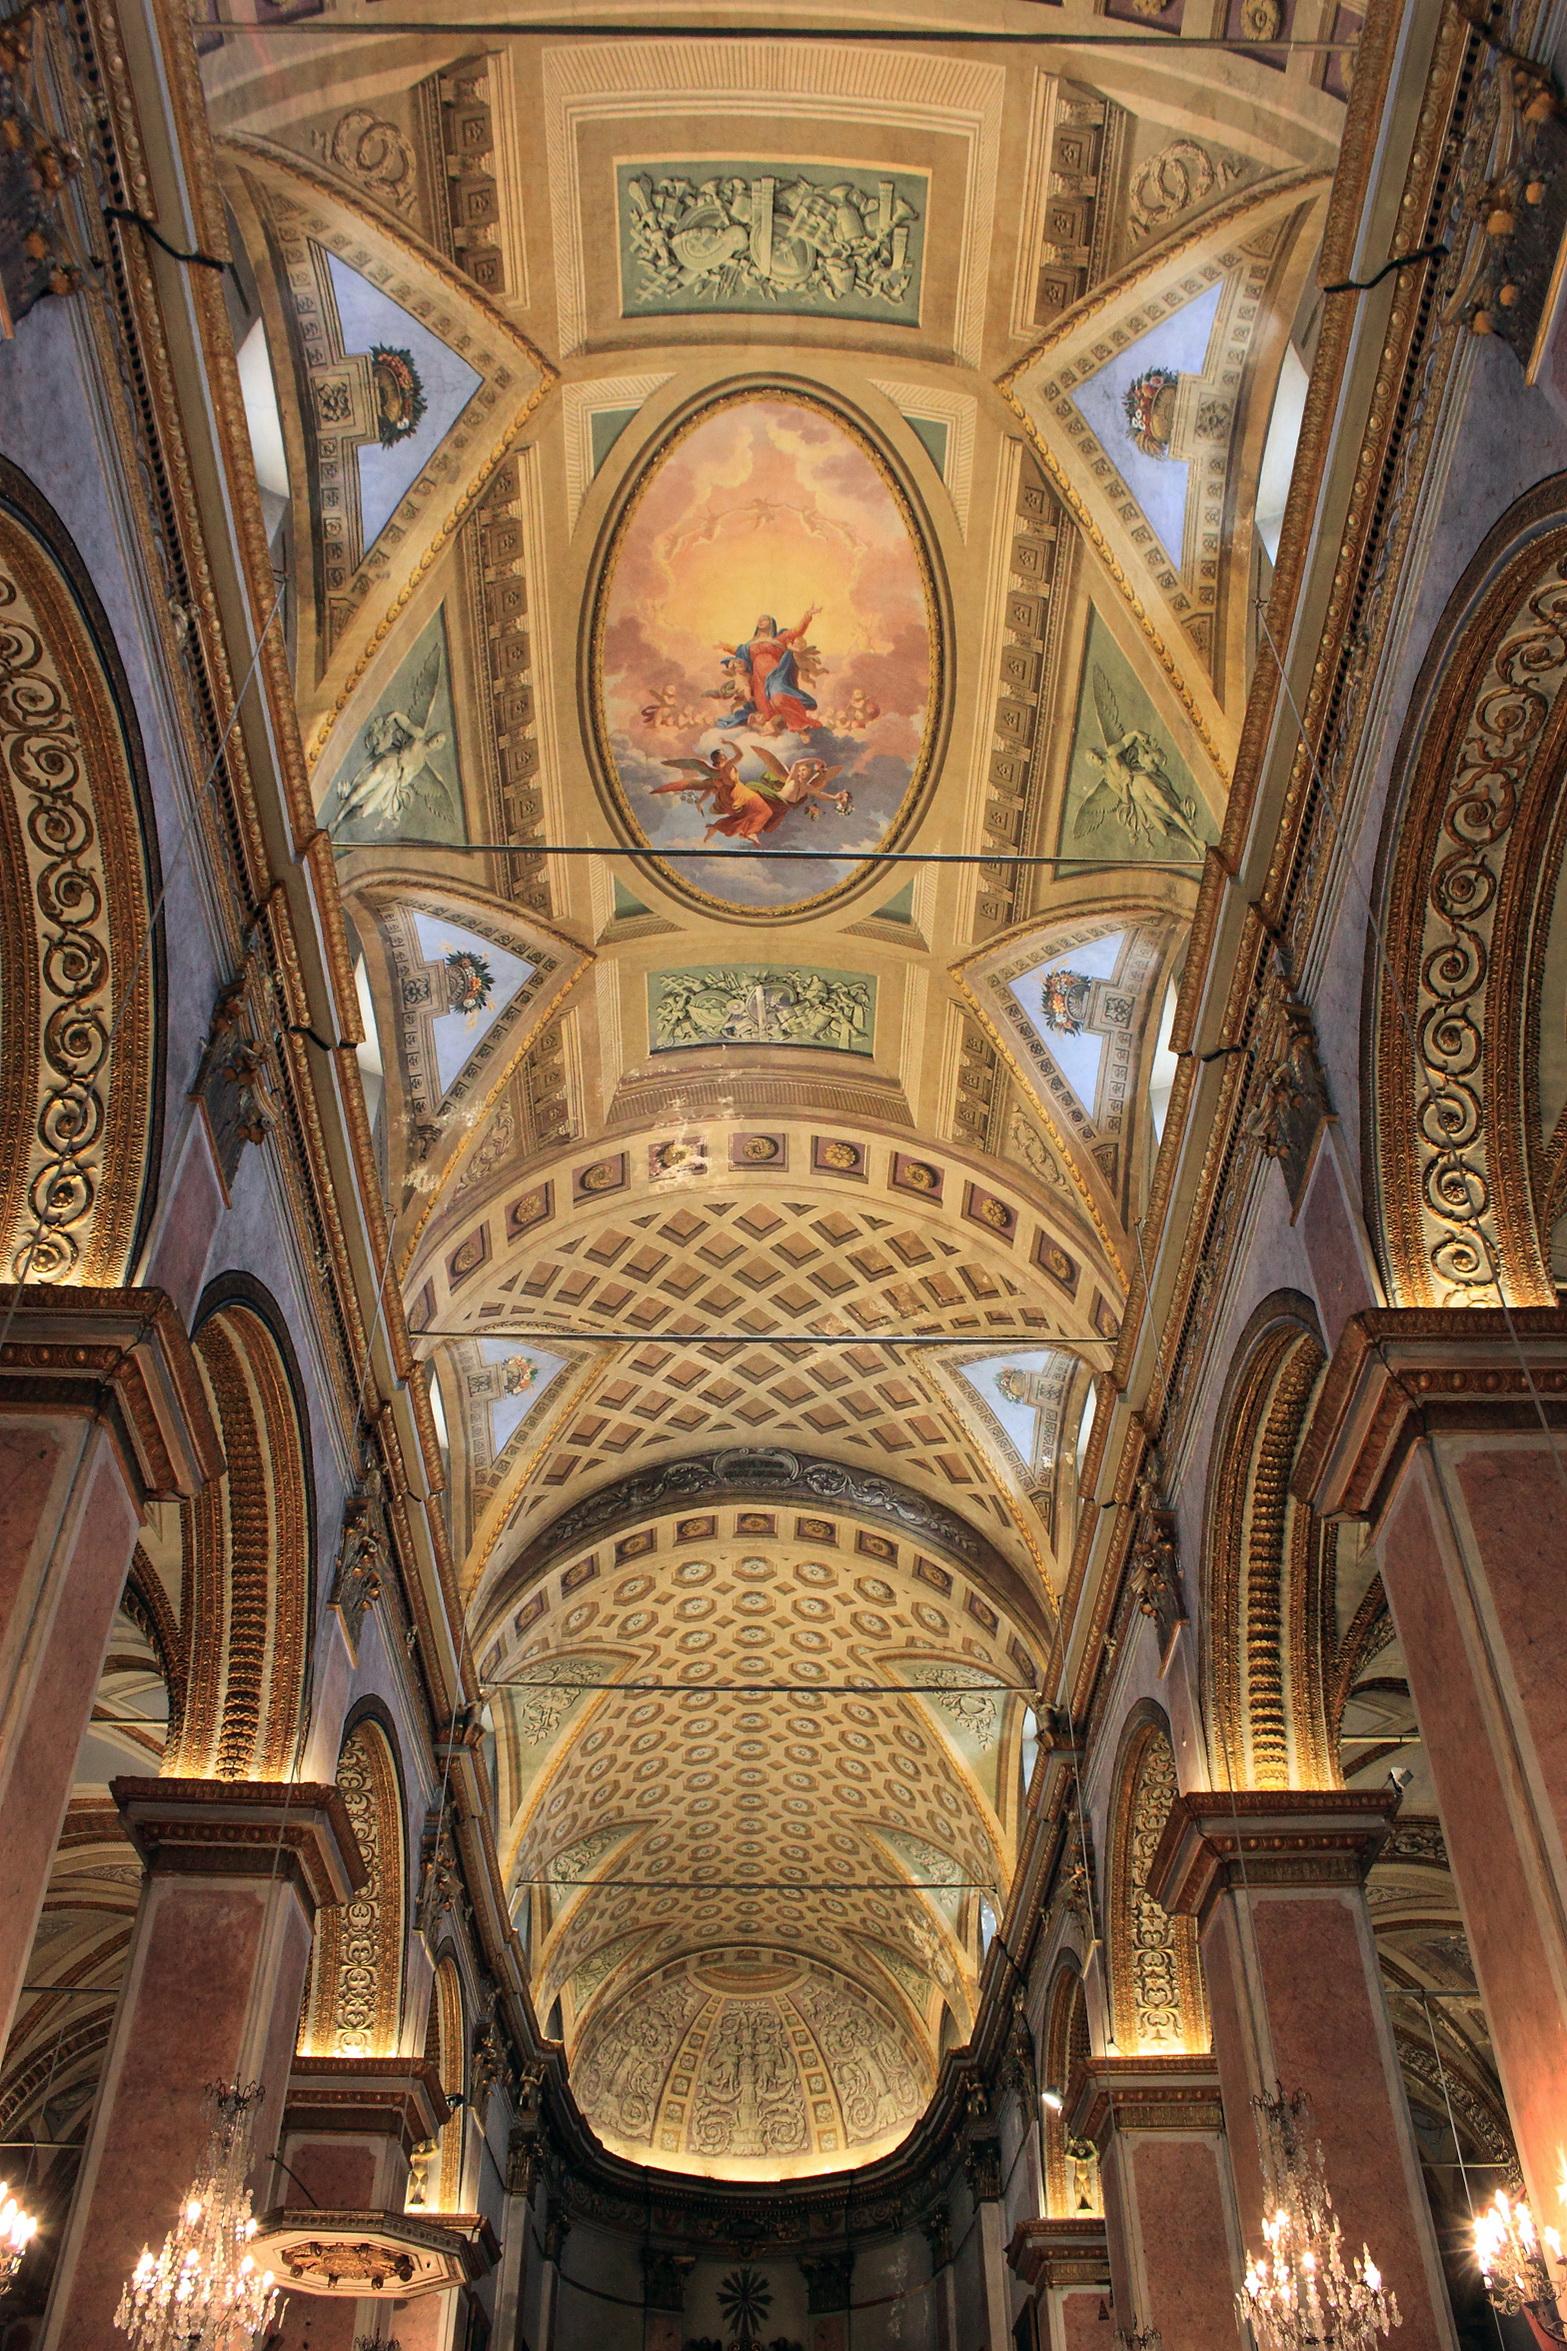 Les voûtes de la cathédrale de Bastia sont ornées d'un riche décor peint, terminé en 1835. Il fut réalisé par une équipe d'artistes toscans. Les peintres Sforza et Tudicci ont réalisé les ornements en trompe-l'œil et Geronimo Sari s'est consacré au grand médaillon central. ©Ville de Bastia – cl. Pascal Renucci.